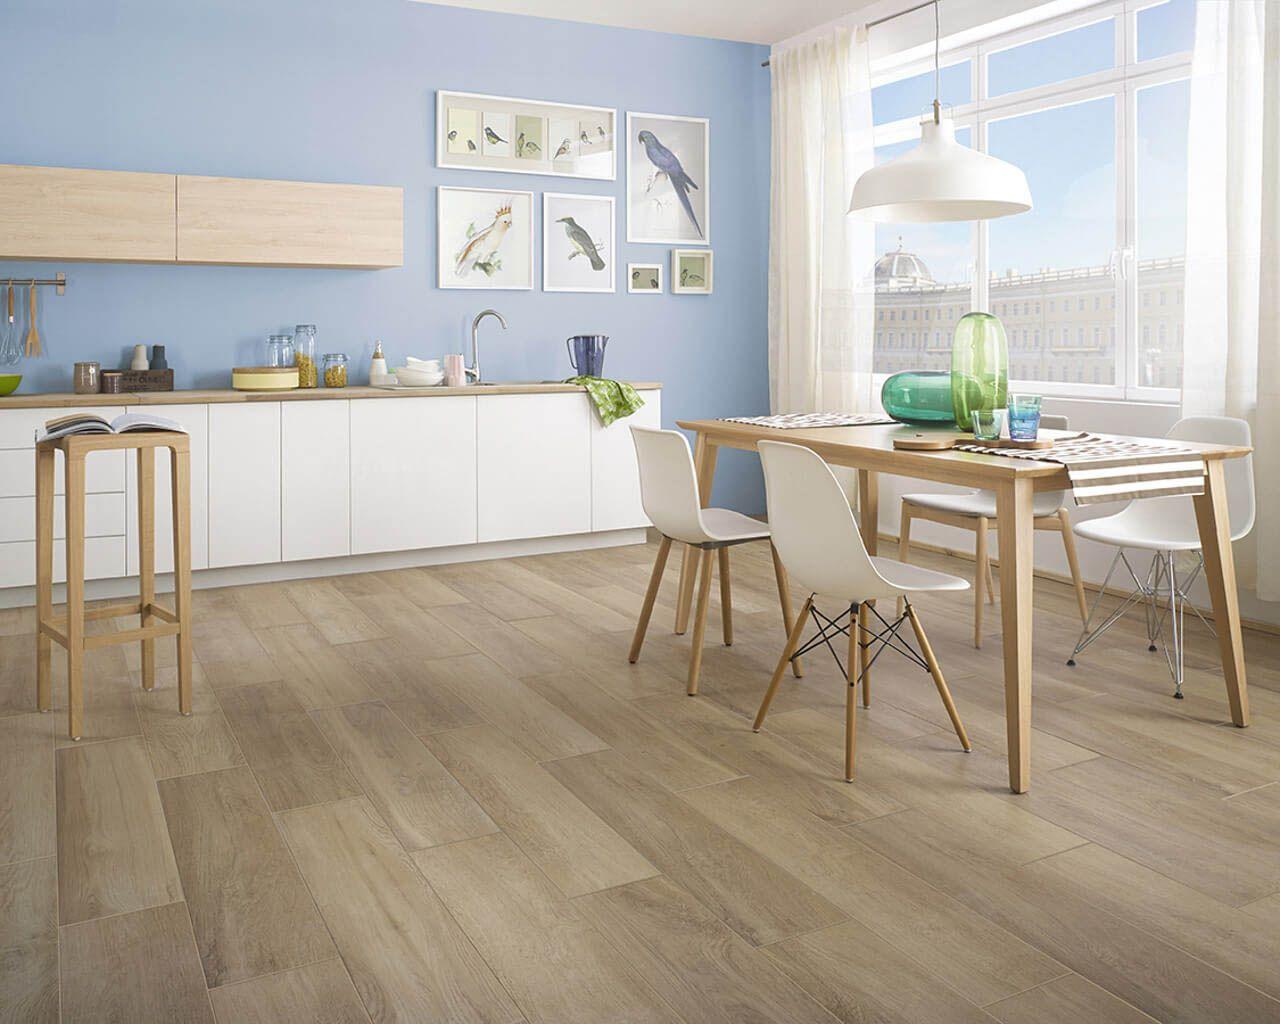 Fußbodenplatten Holz ~ Helle küche im skandinavischen stil mit fußbodenplatten aus